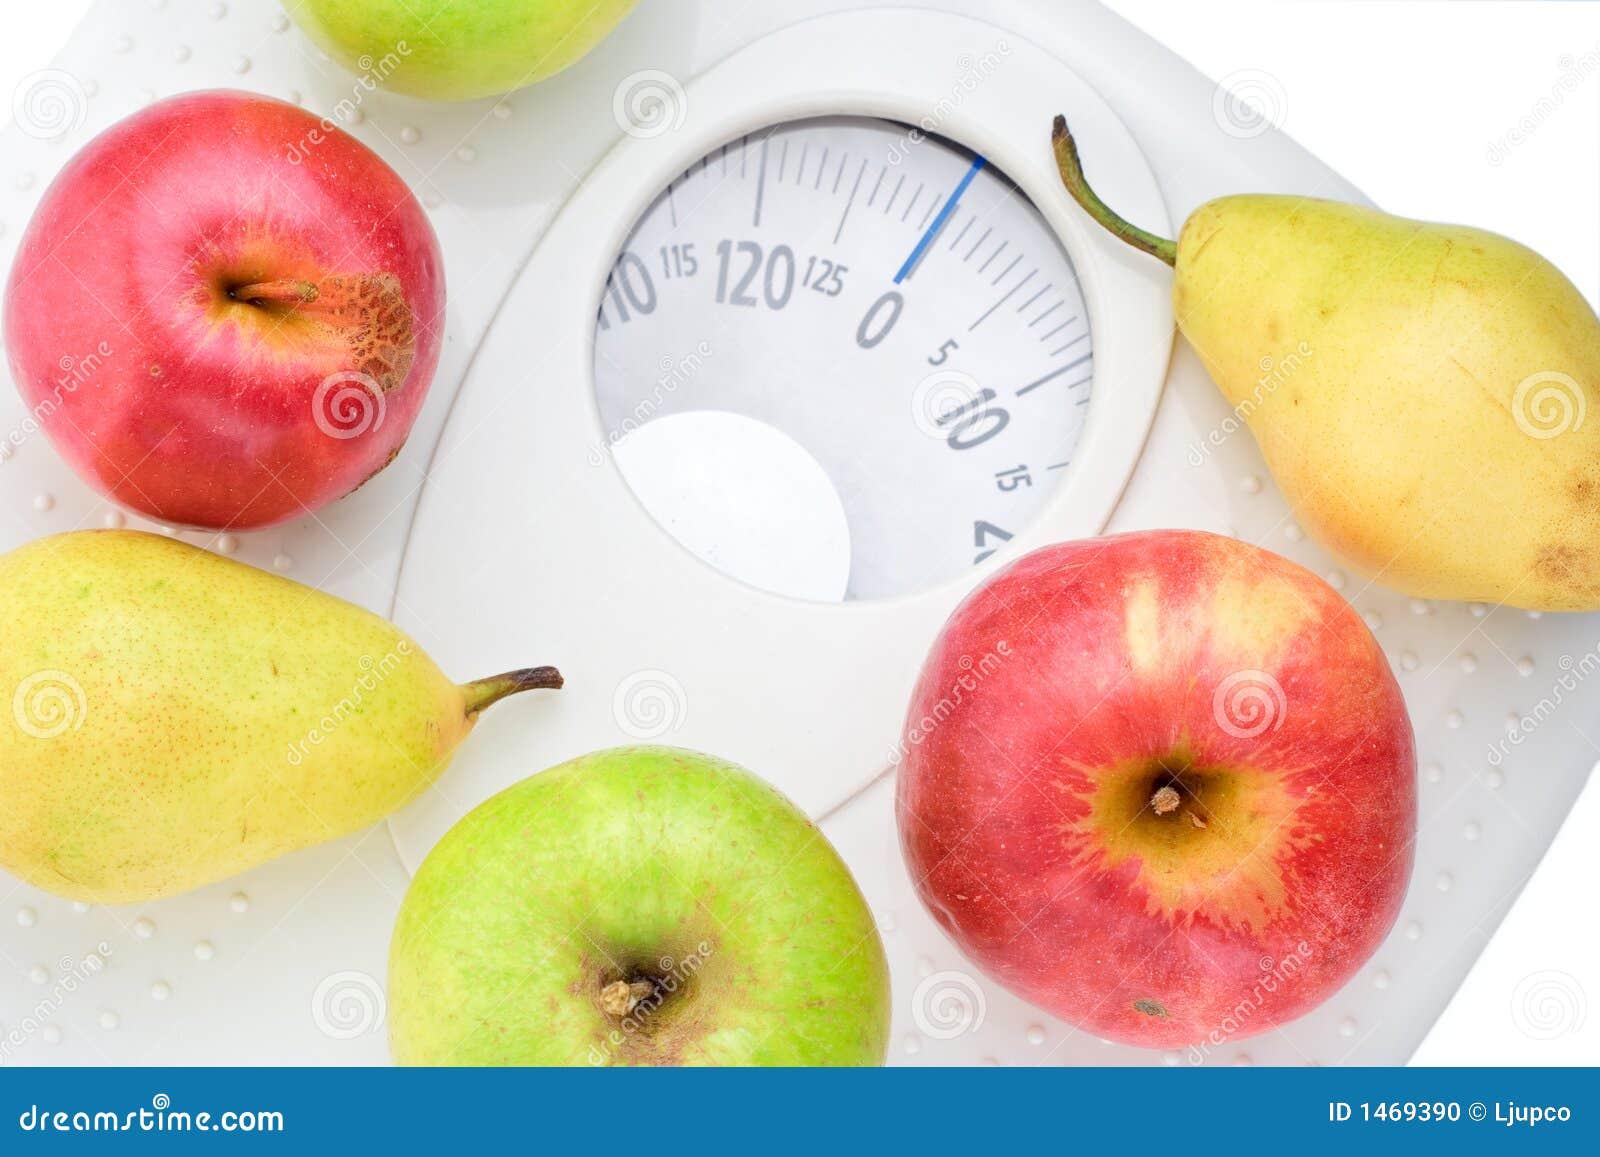 To jedzenie zdrowe luźne wagi